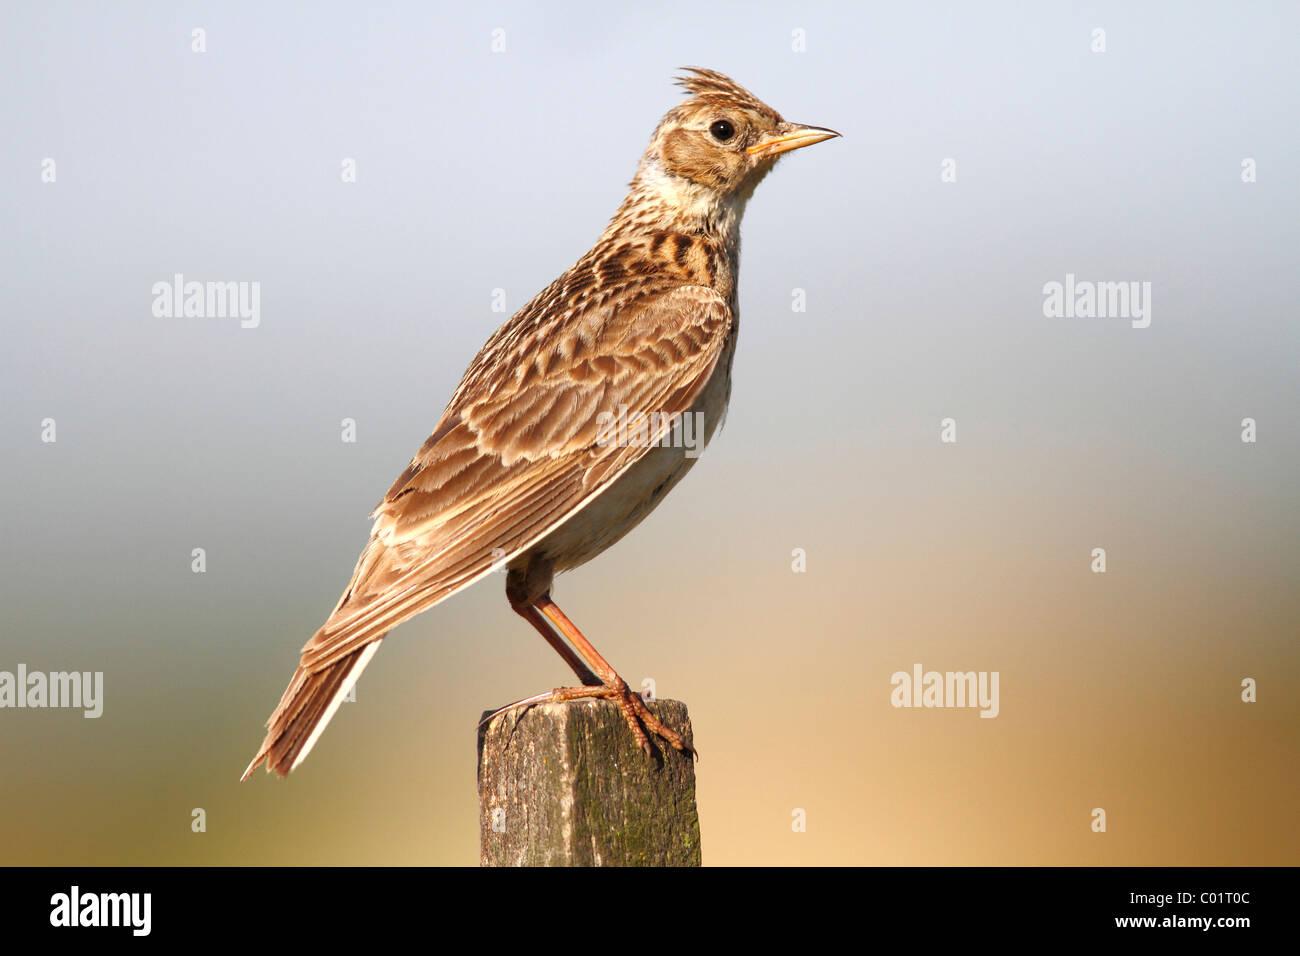 Skylark (Alauda arvensis) sitting on a fence post - Stock Image